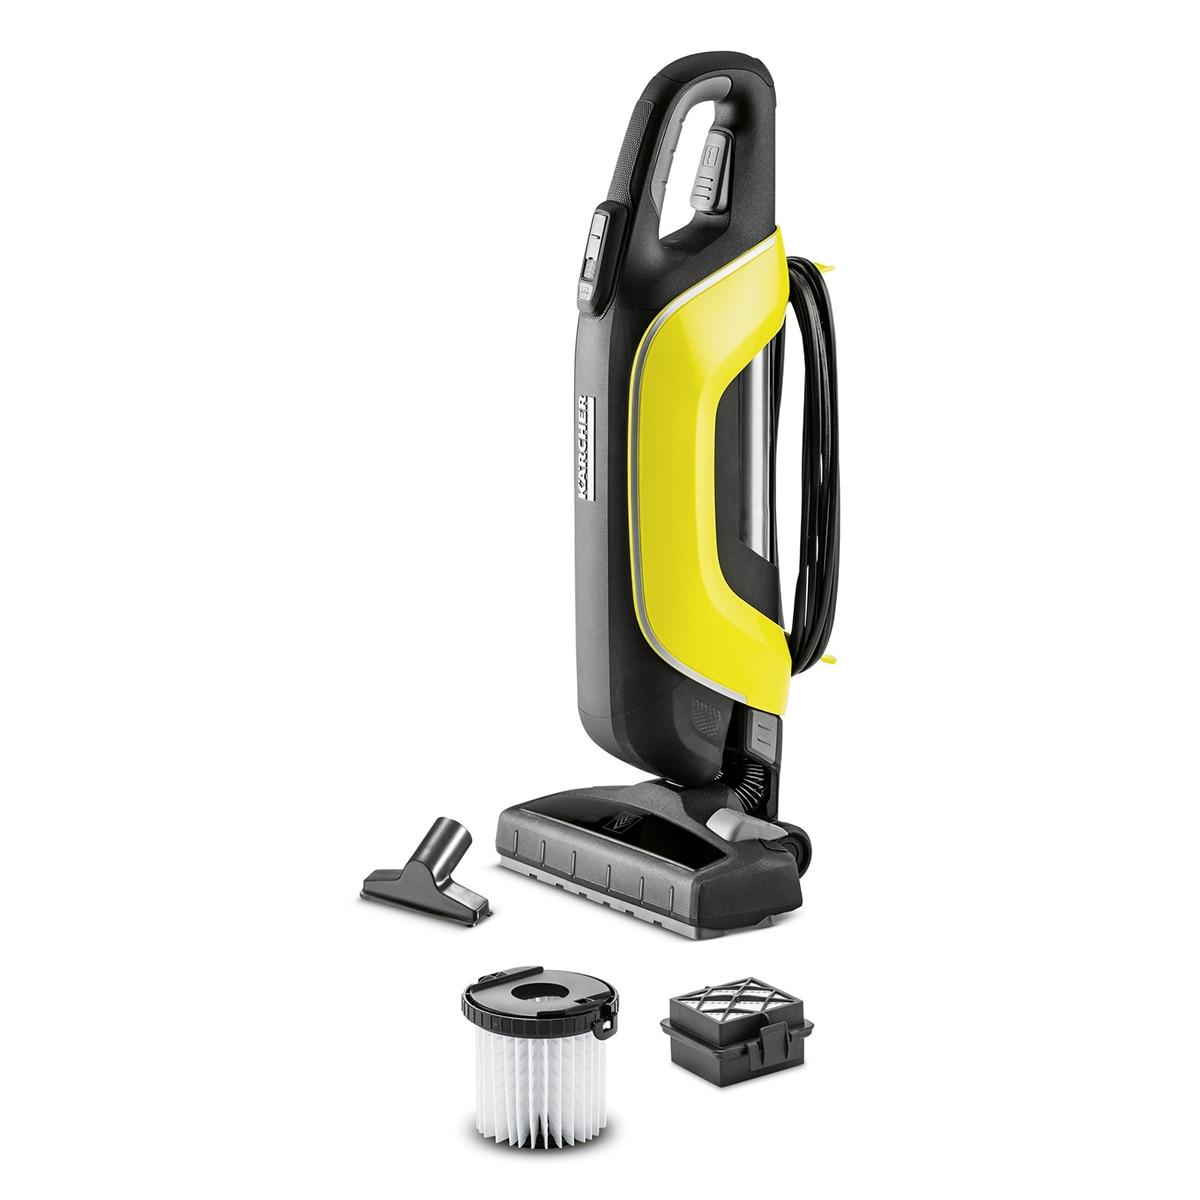 Vacuum Cleaner electric Karcher VC 5 * RU